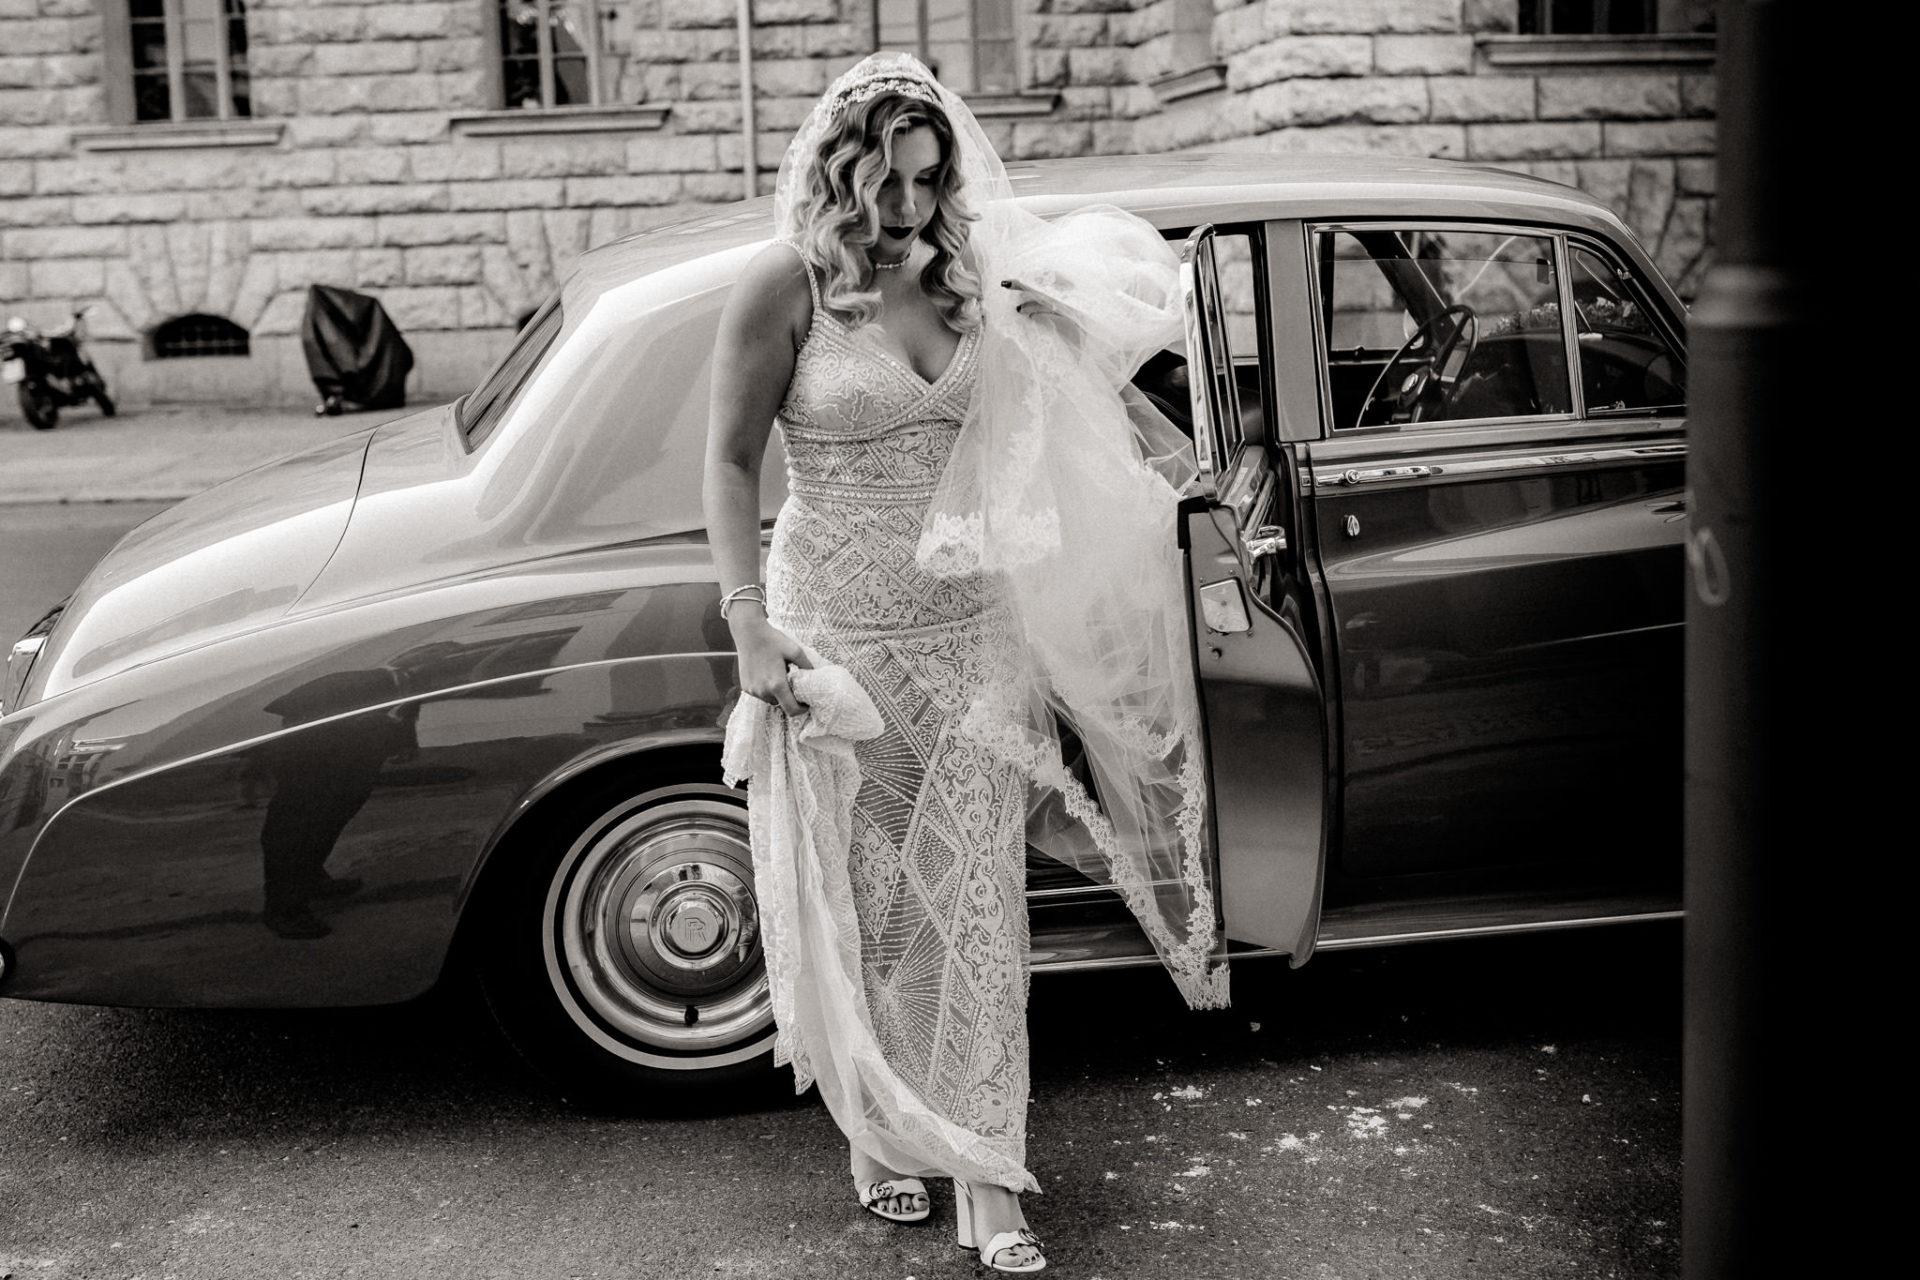 dokumentarische Hochzeitsfotografie-hochzeitsfotograf hotel am steinplatt berlin-ungestellte Portraits-glamuroese Hochzeit-dresscode-elegante braut-kubanische Hochzeit-kopflegenden blumen-heiraten parochialkirche